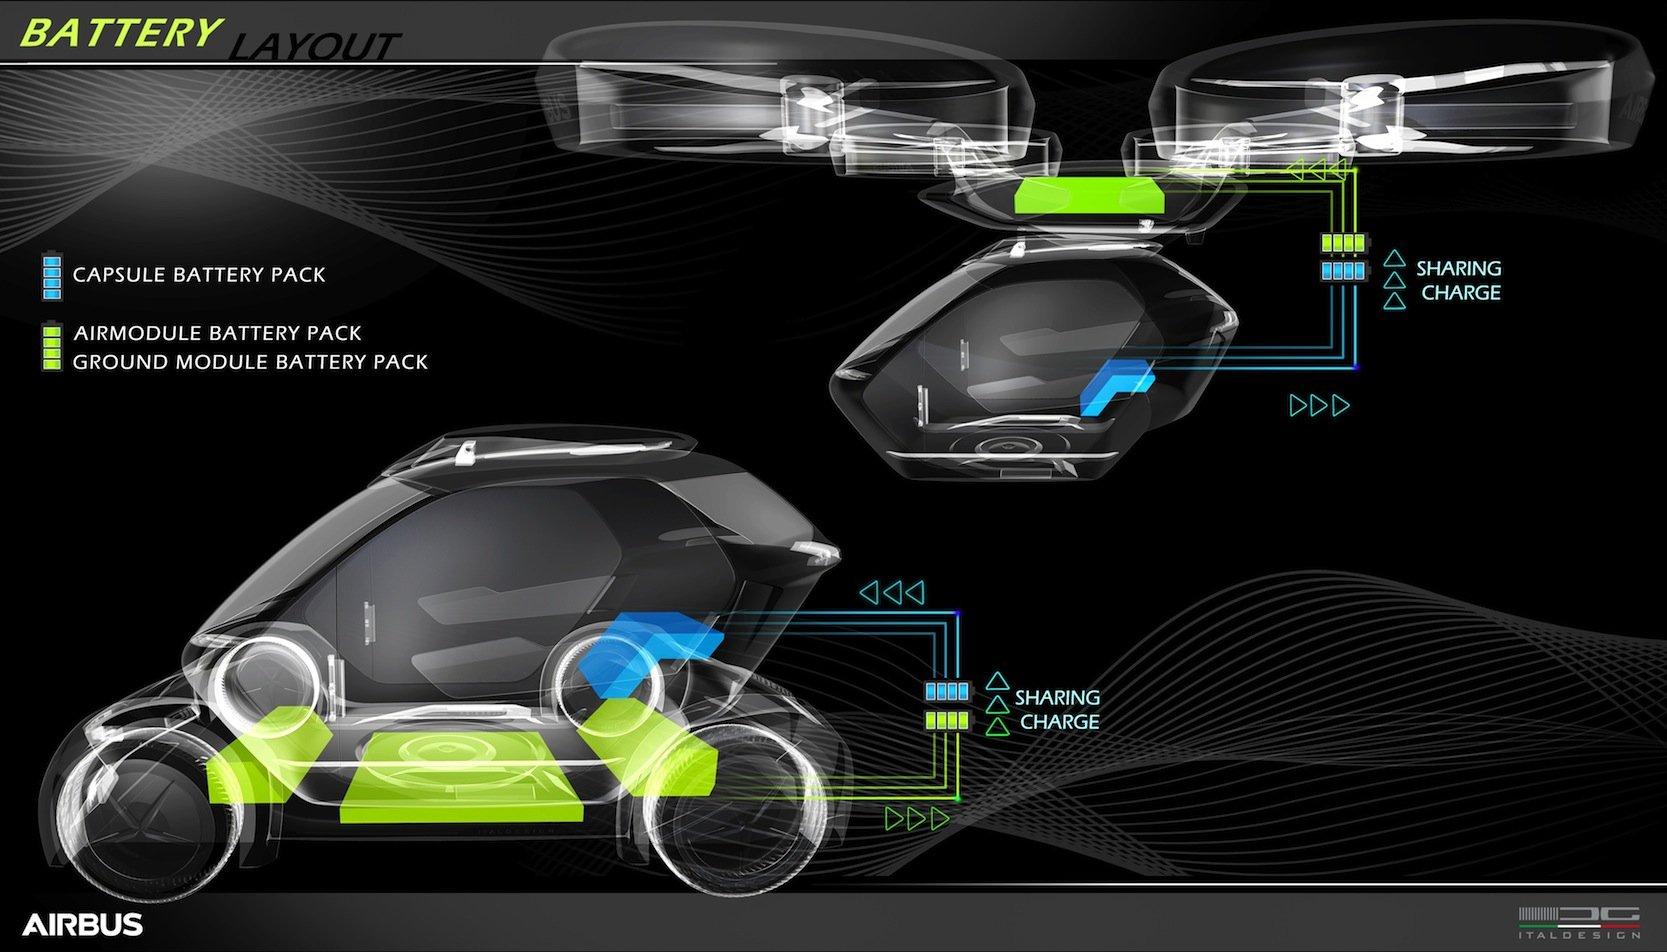 Die Batterien sind im Boden des Fahrgestells und in der Drohnenhalterung untergebracht, an der die Kabine an die Drohne ankoppelt.